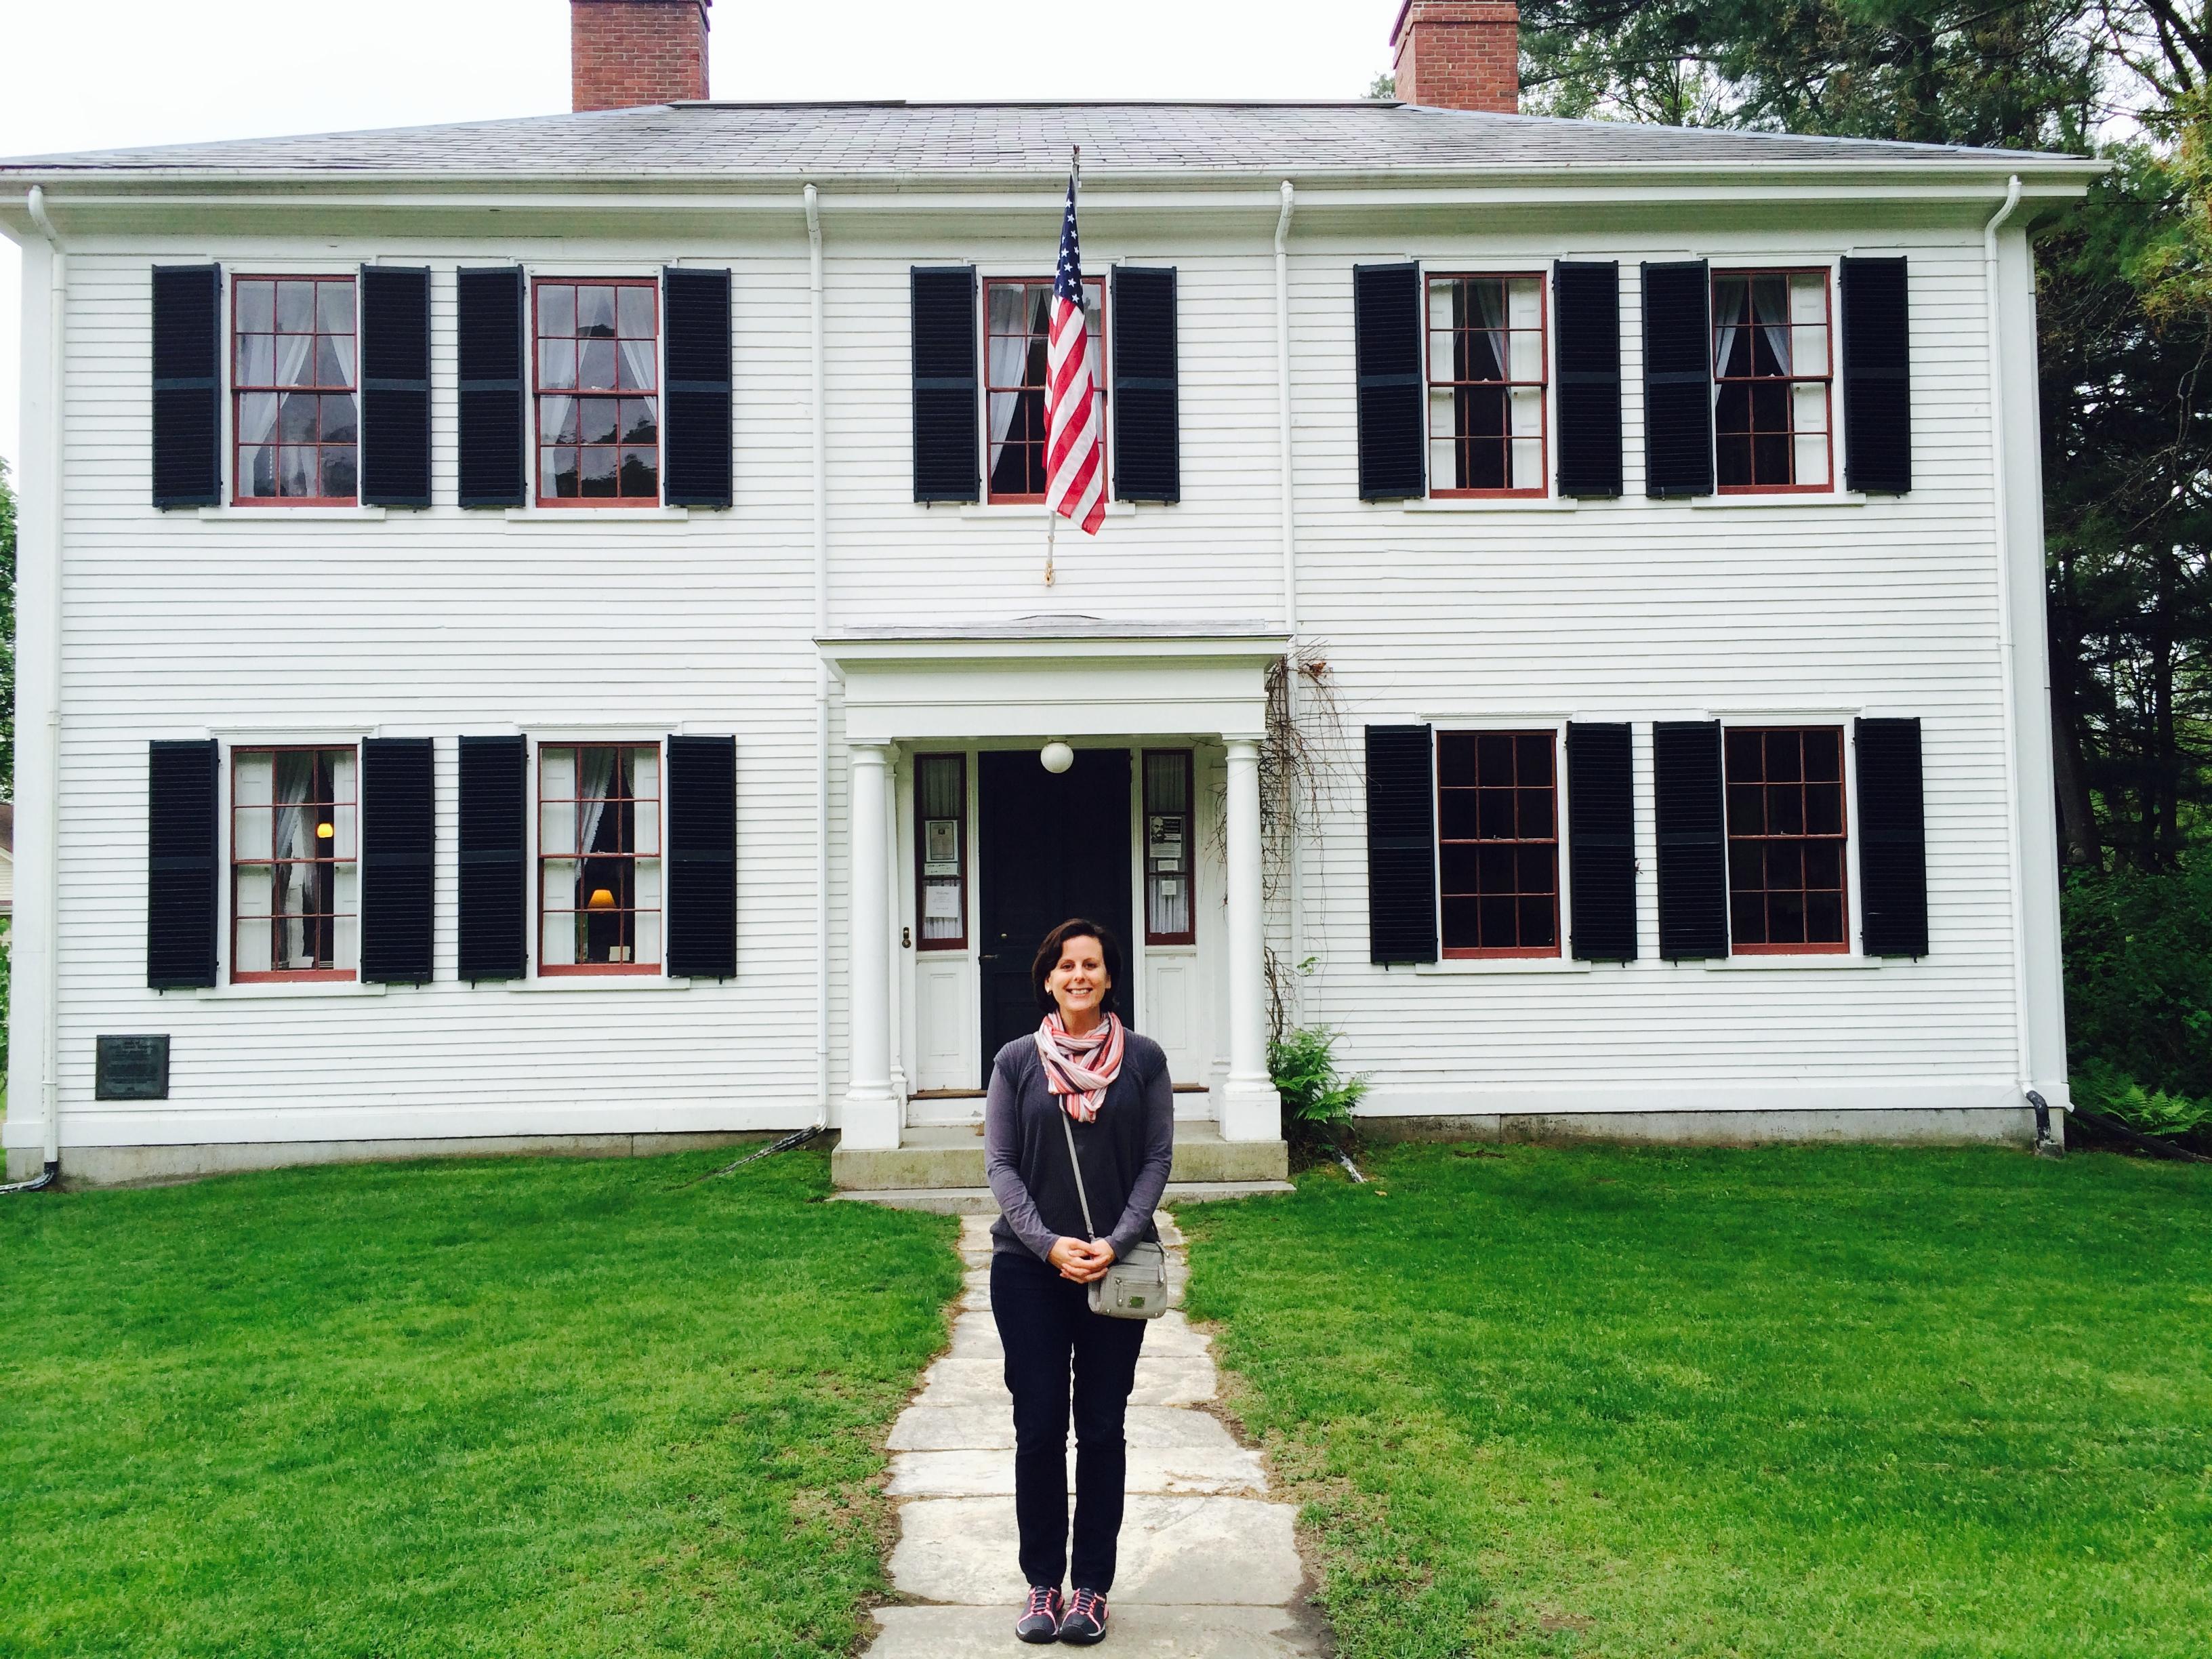 Emerson House, Concord, MA